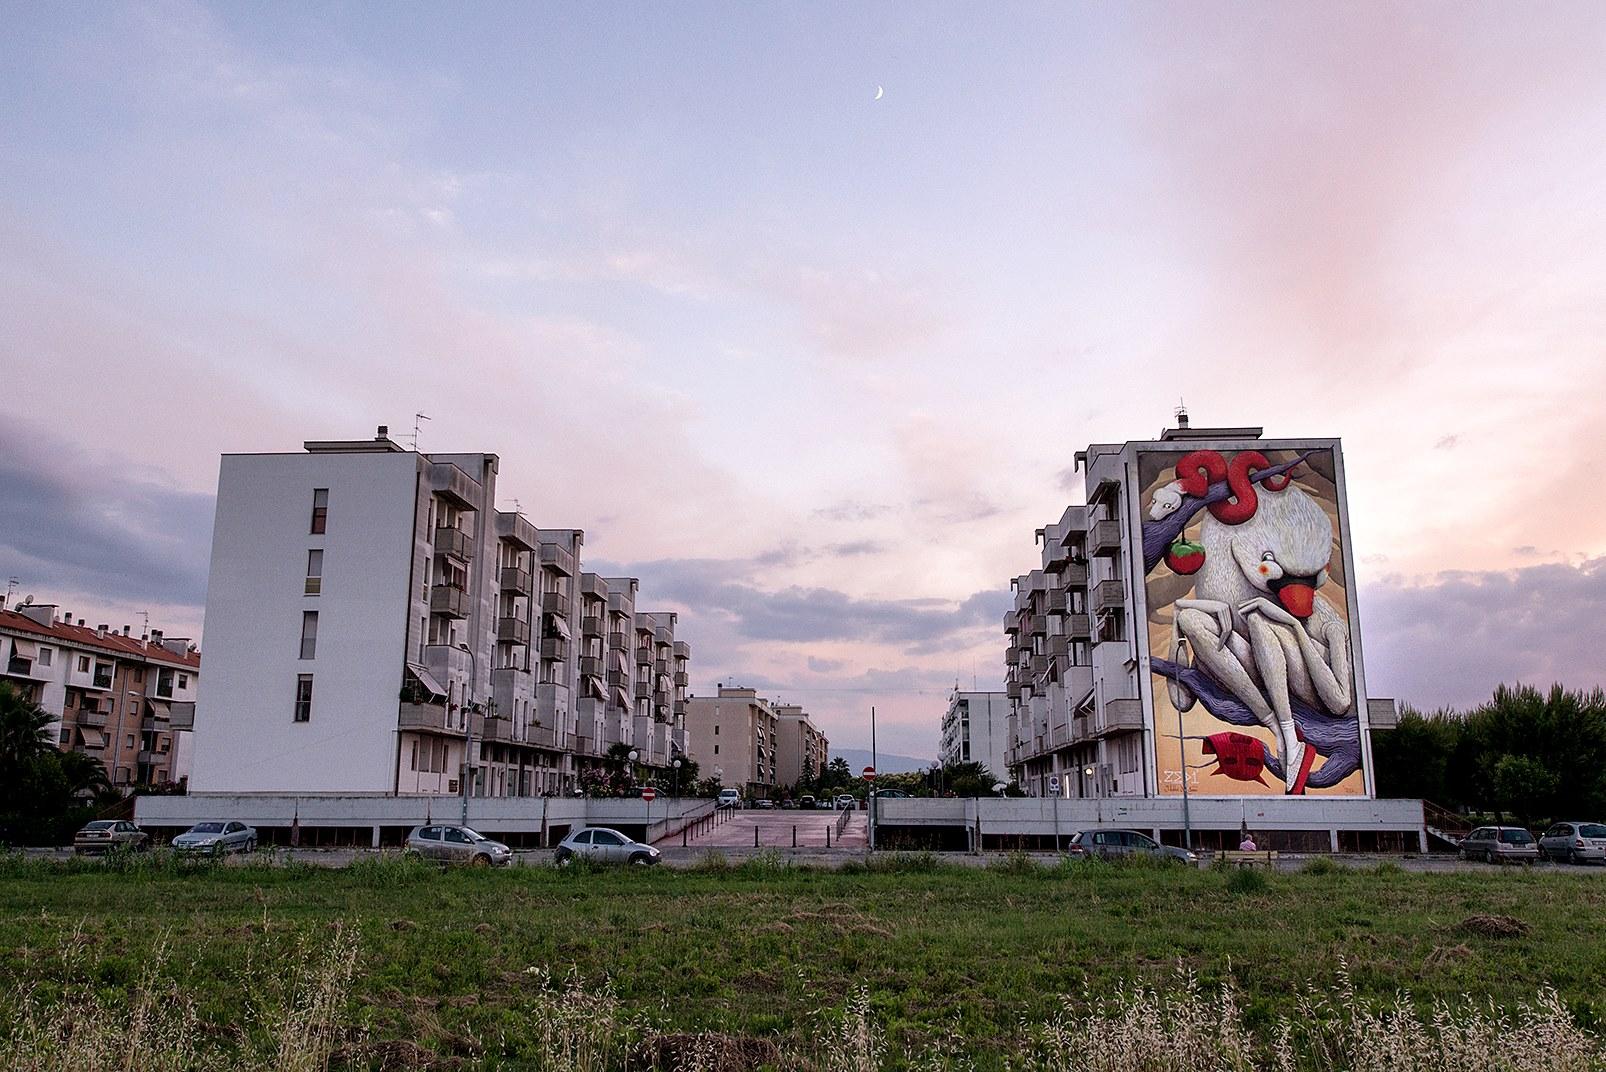 zed1-i-dubbi-dellanimo-a-new-mural-08